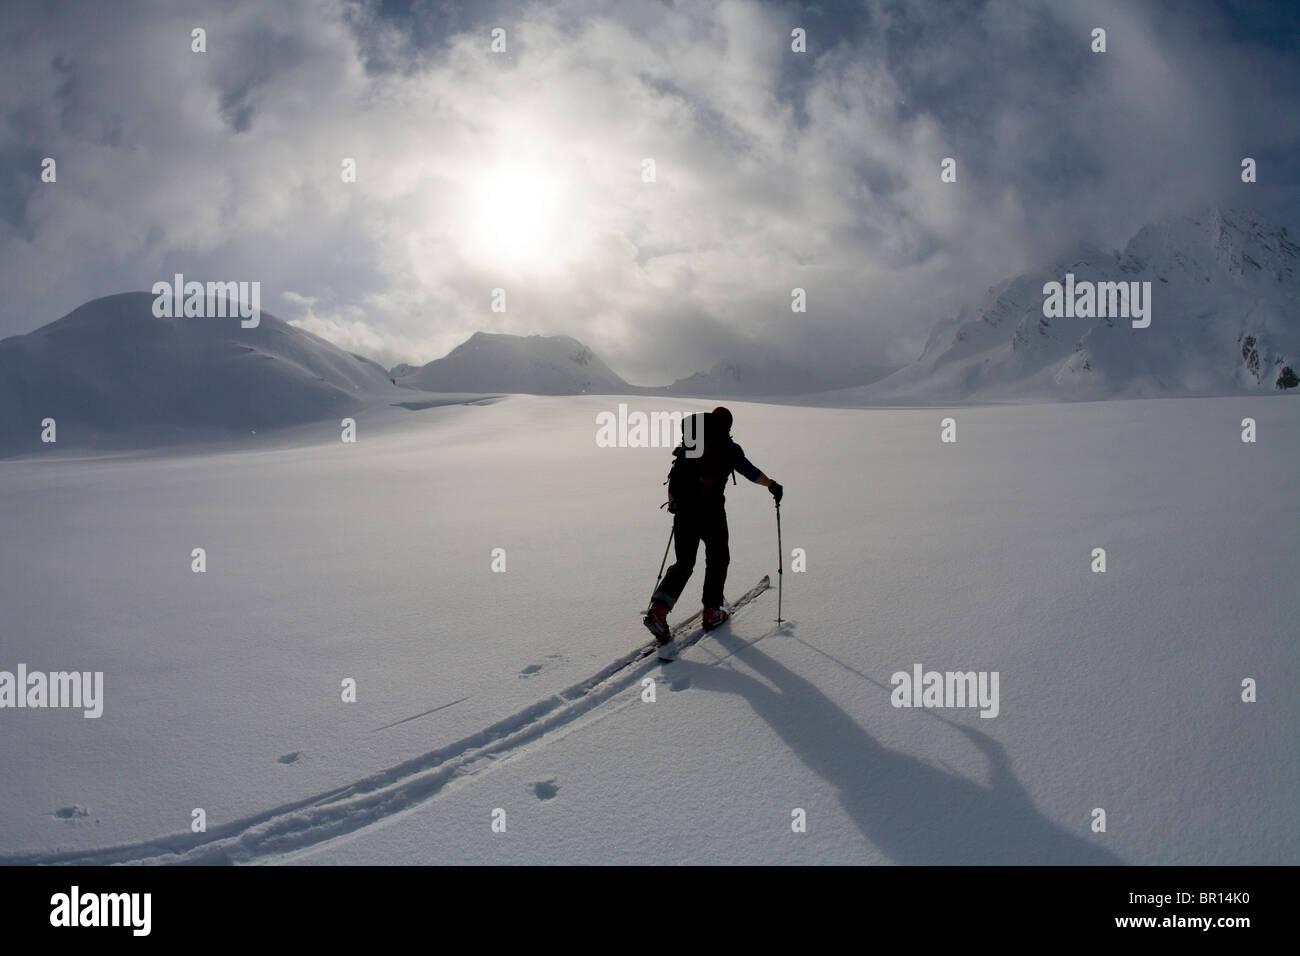 Esquiador de travesía glaciar cruza bajo el cielo tormentoso tarde en el día. Foto de stock